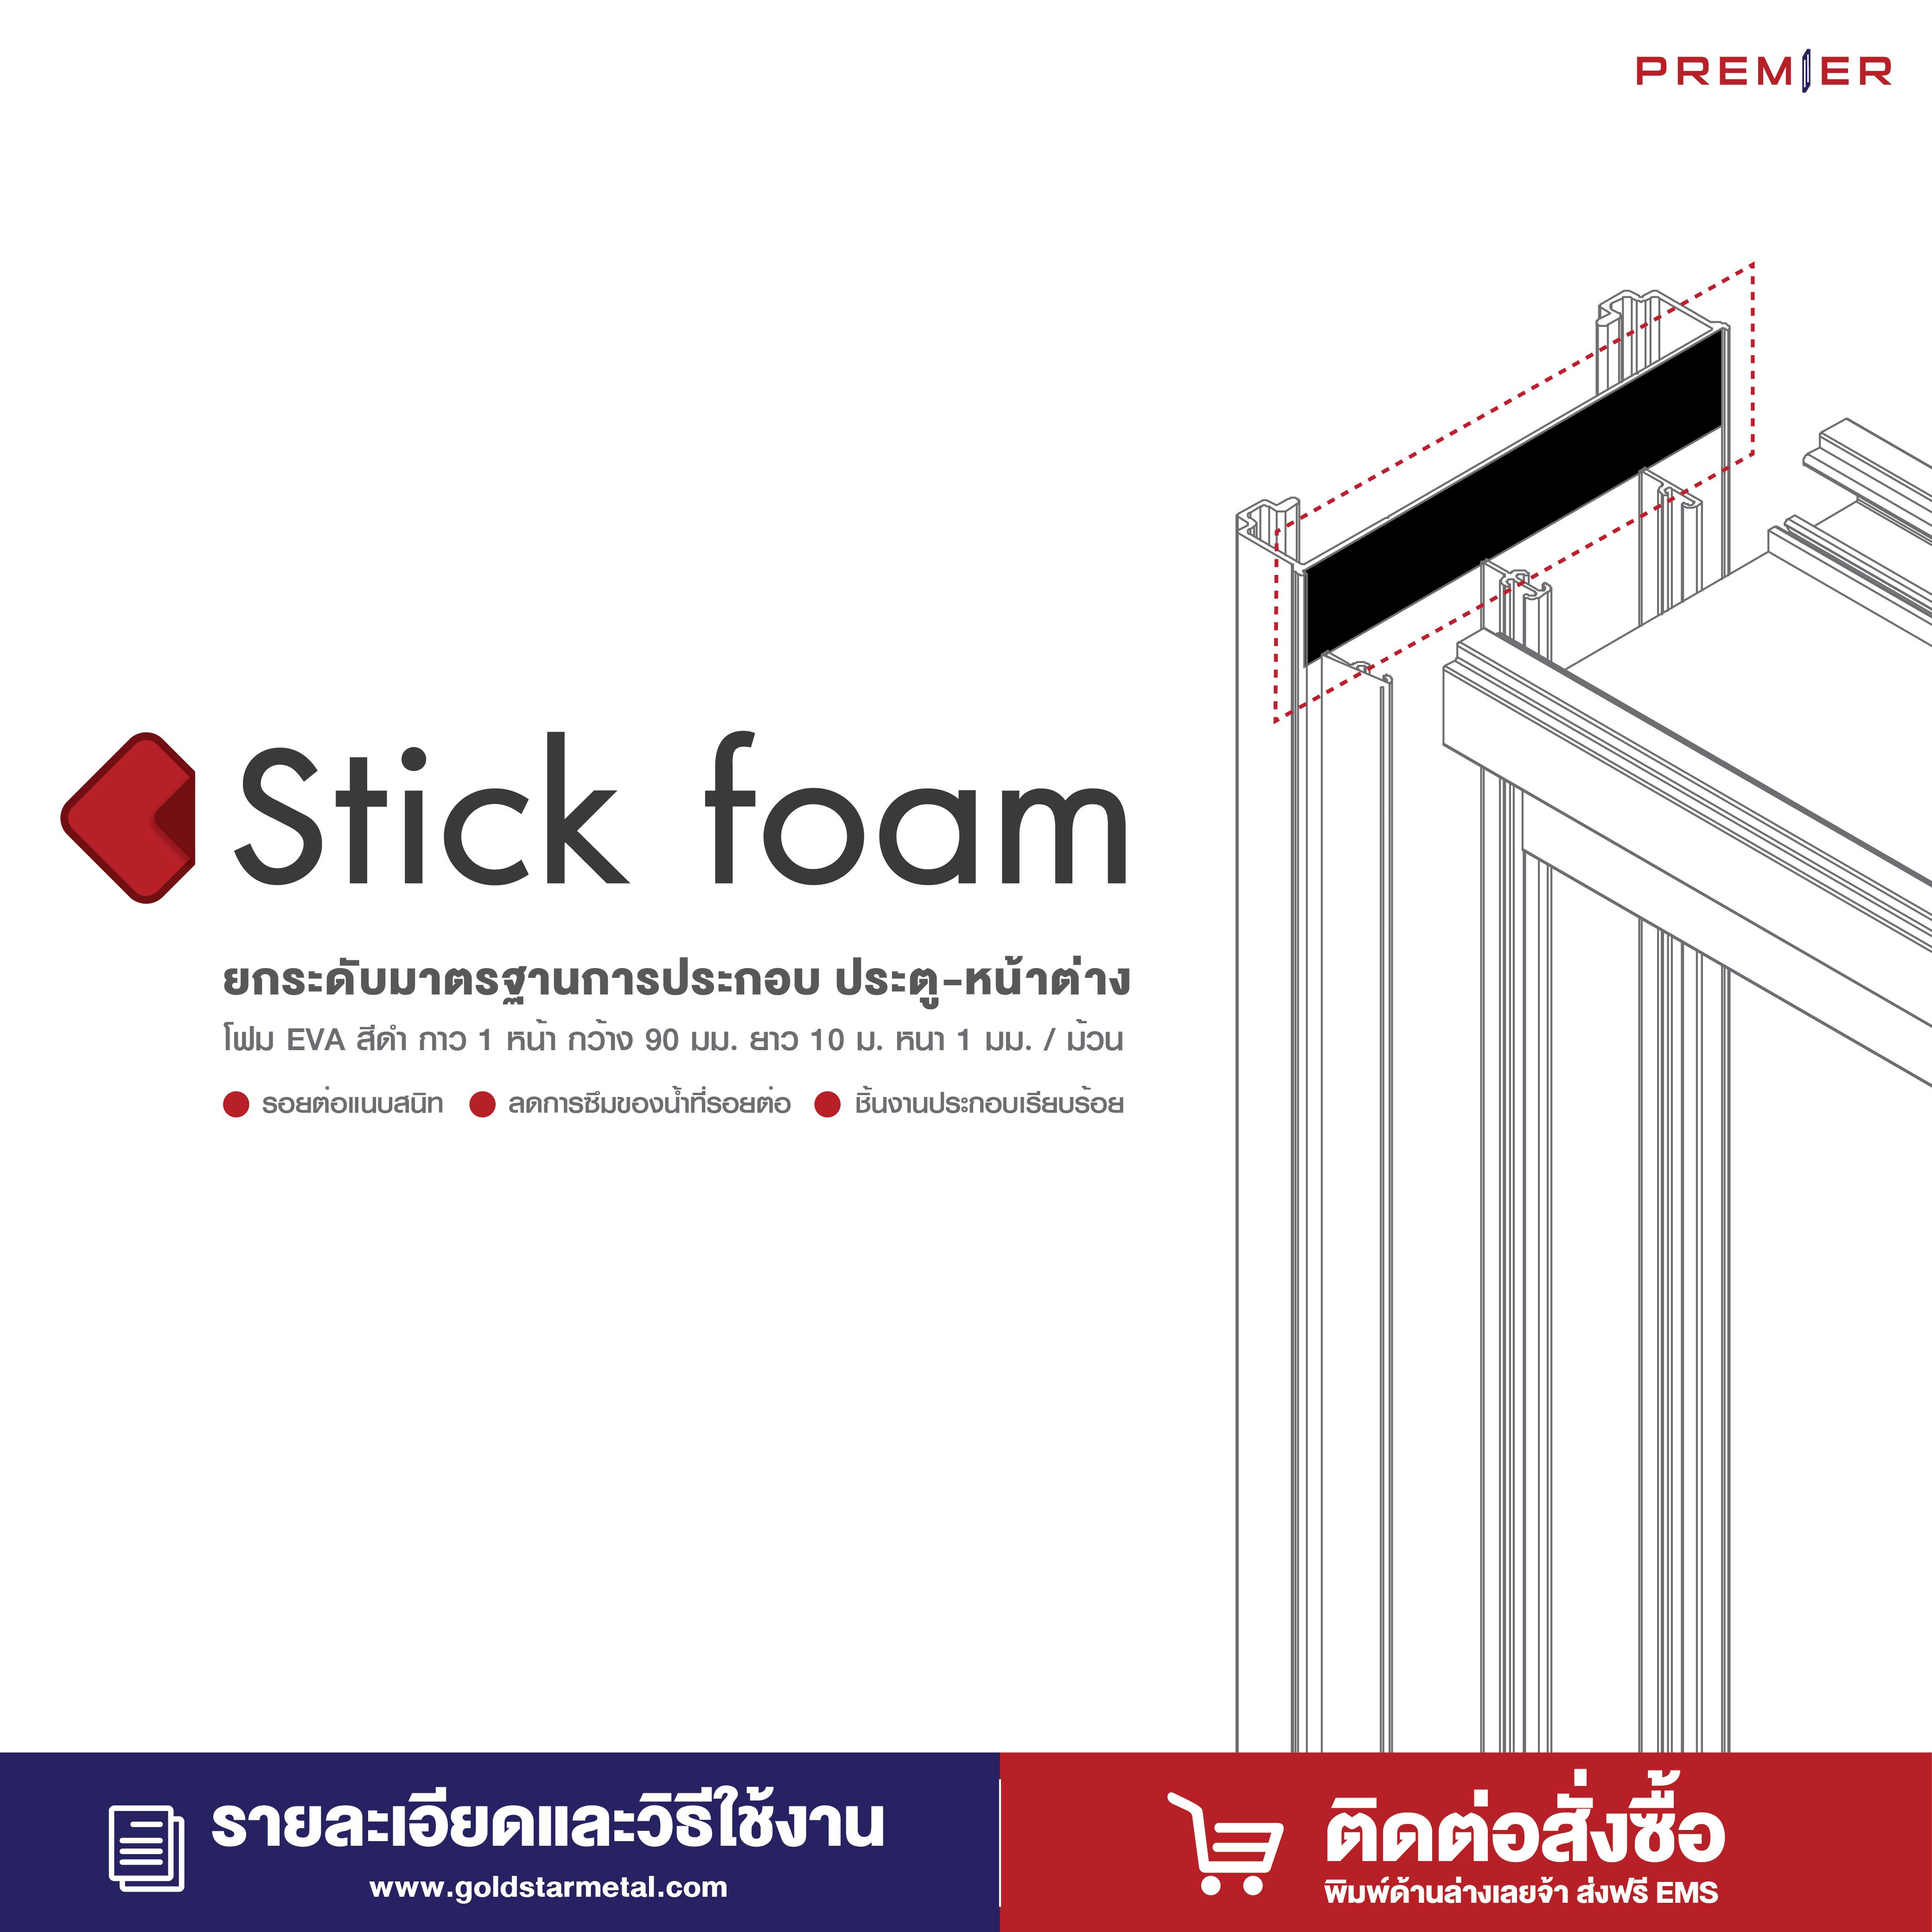 stick foam